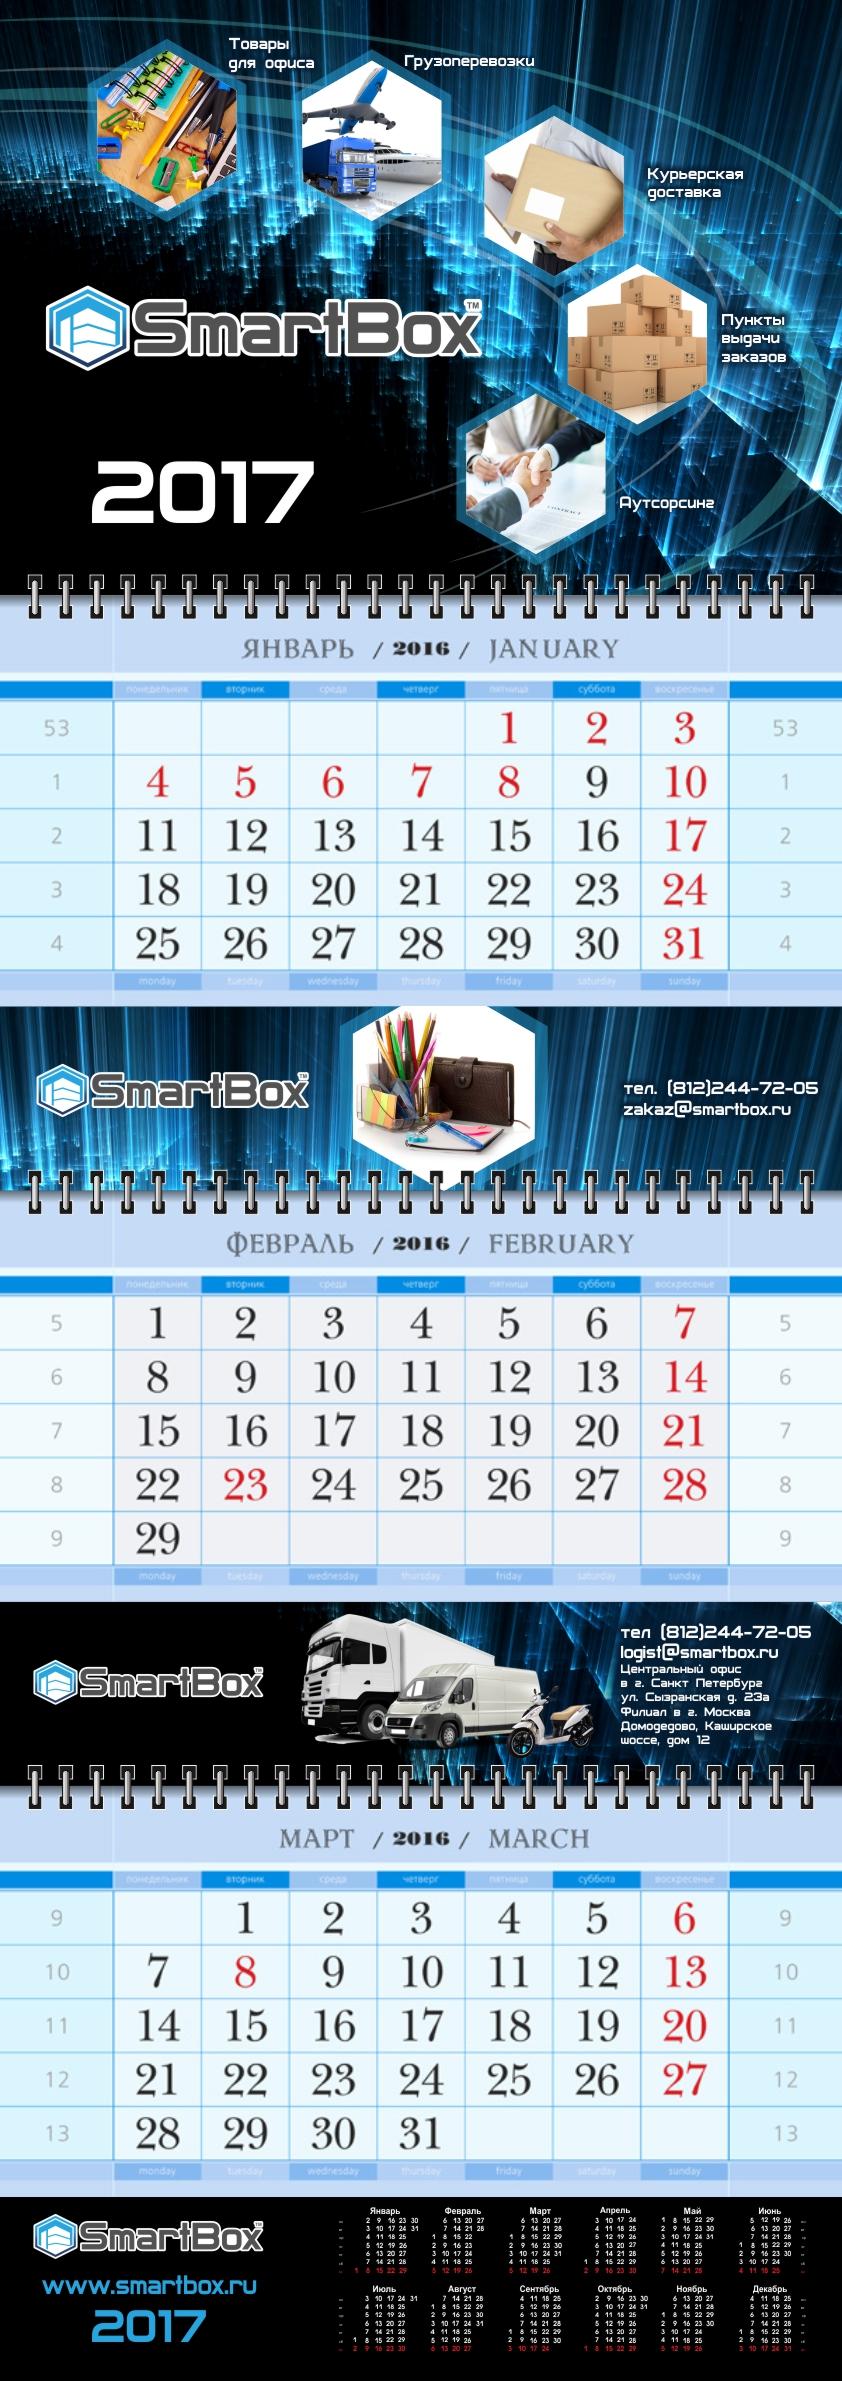 Календарь 3-х блочный (разработка топслайда и подложек под календарные блоки)